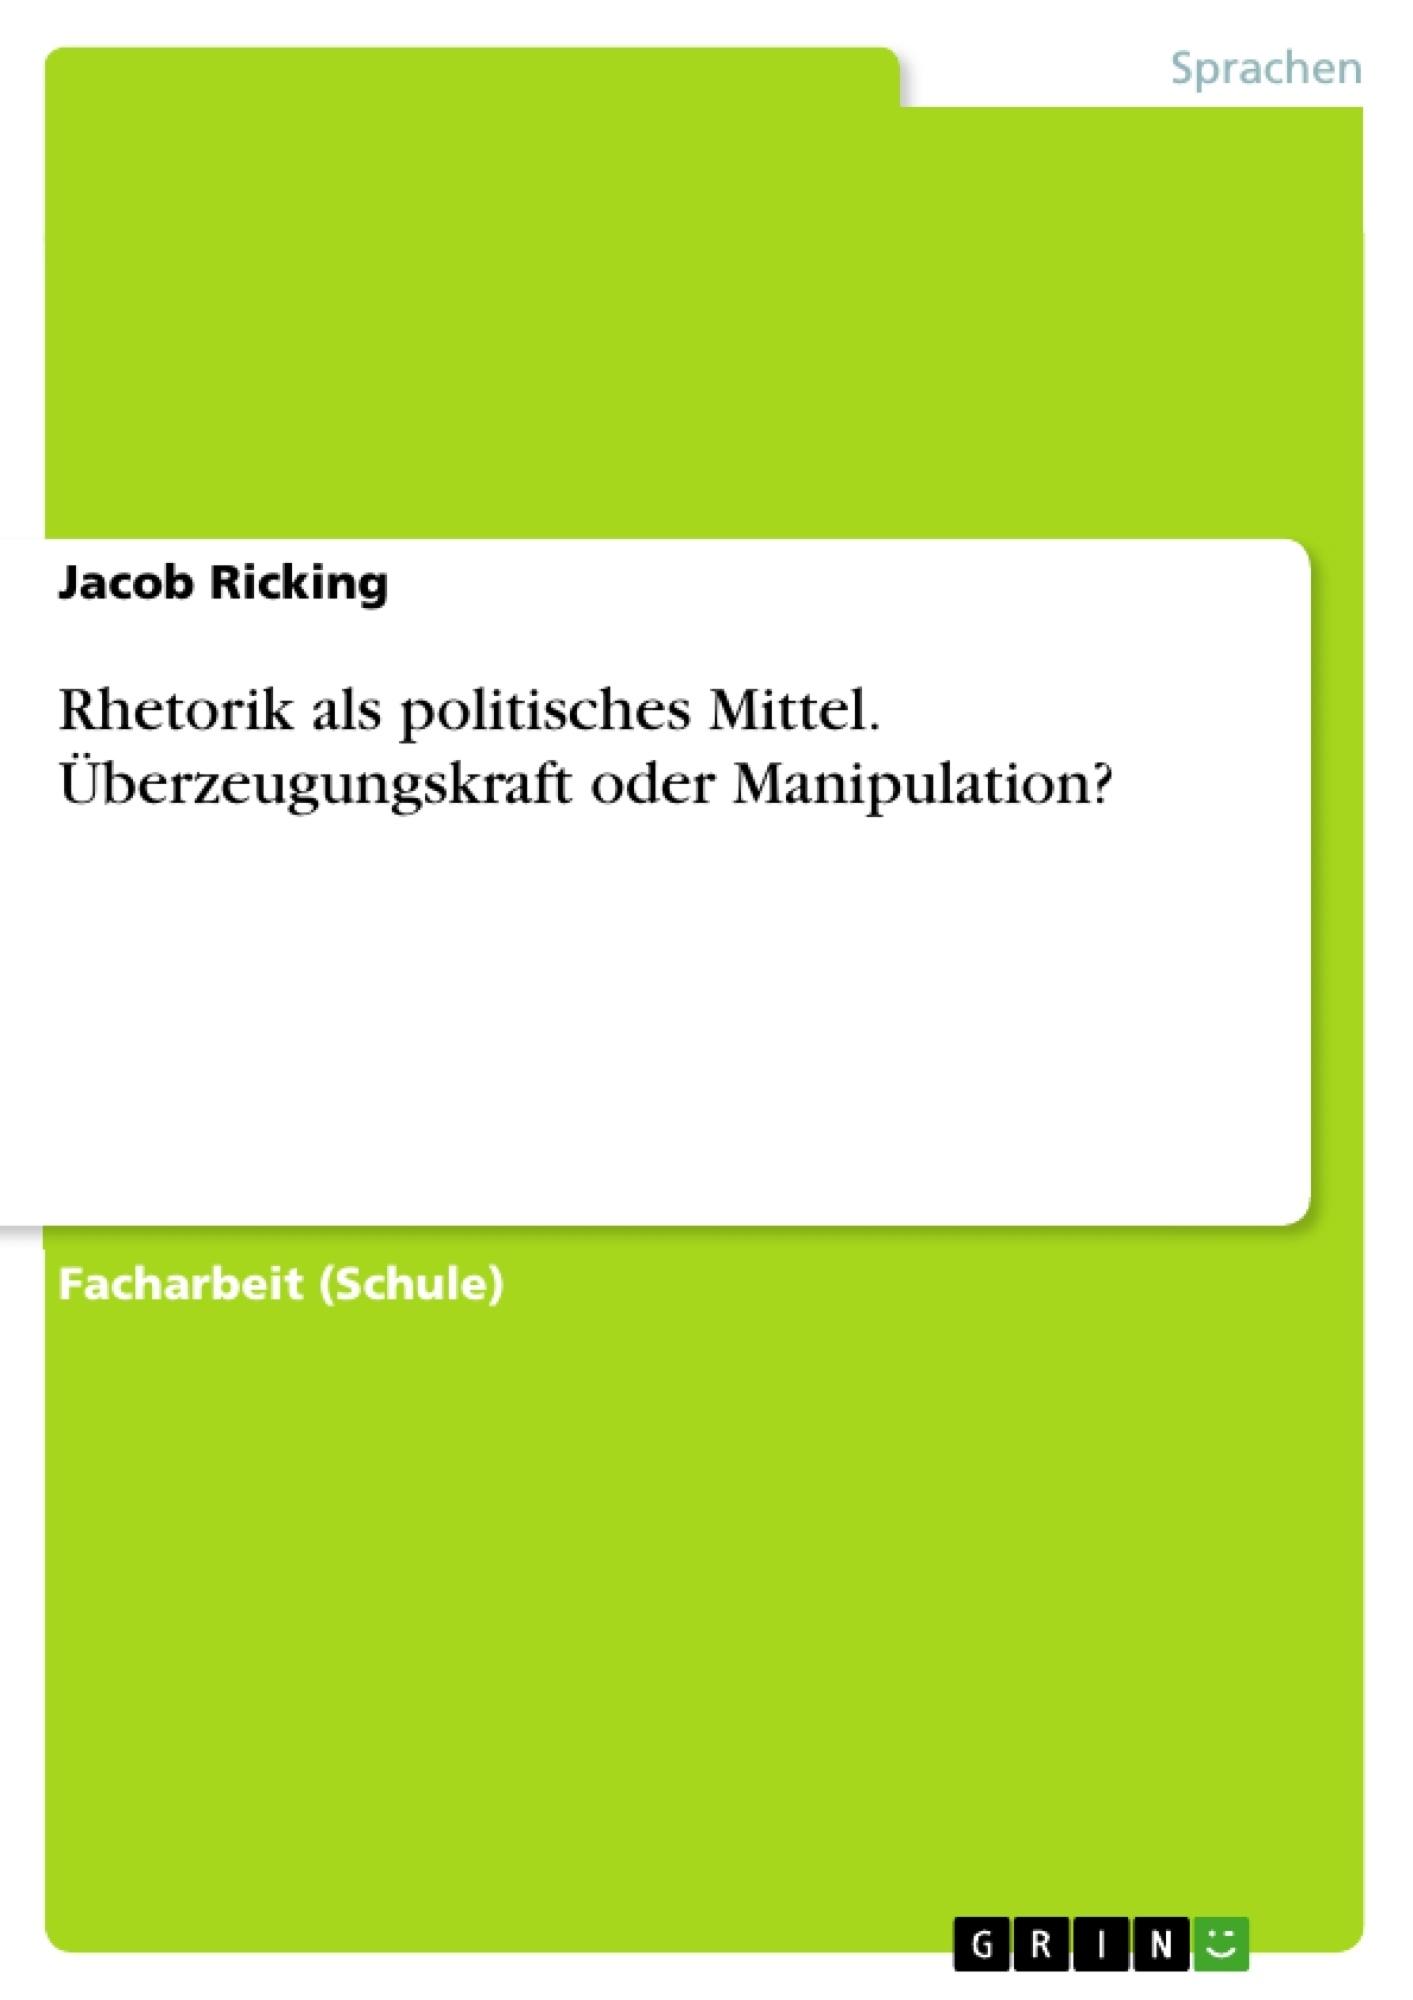 Titel: Rhetorik als politisches Mittel. Überzeugungskraft oder Manipulation?